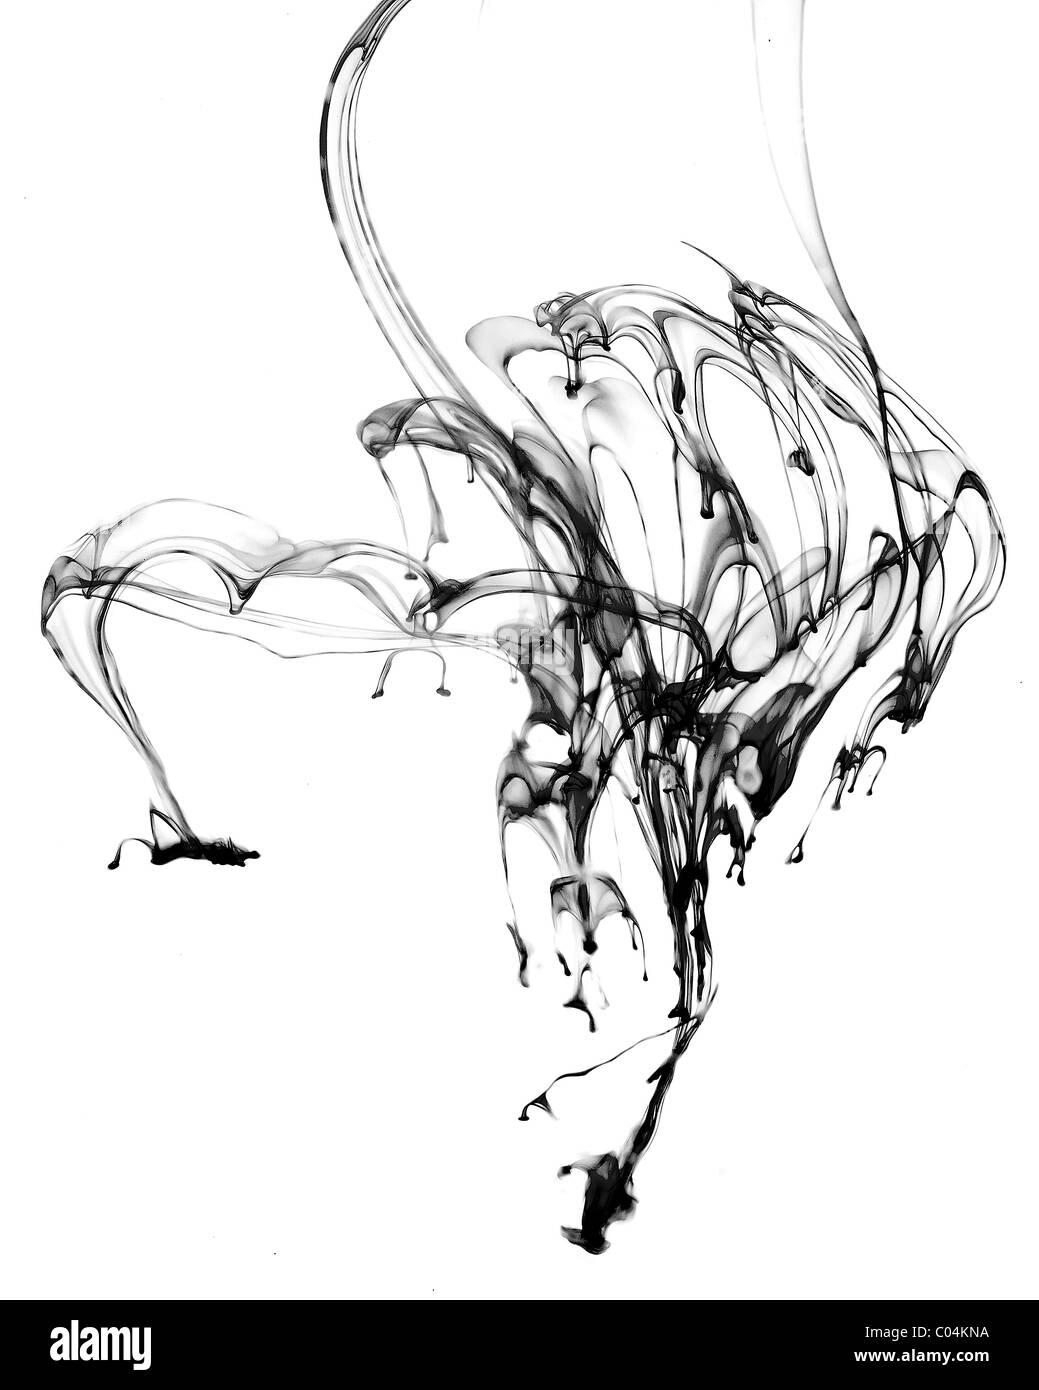 Sous l'encre en noir et blanc Photo Stock